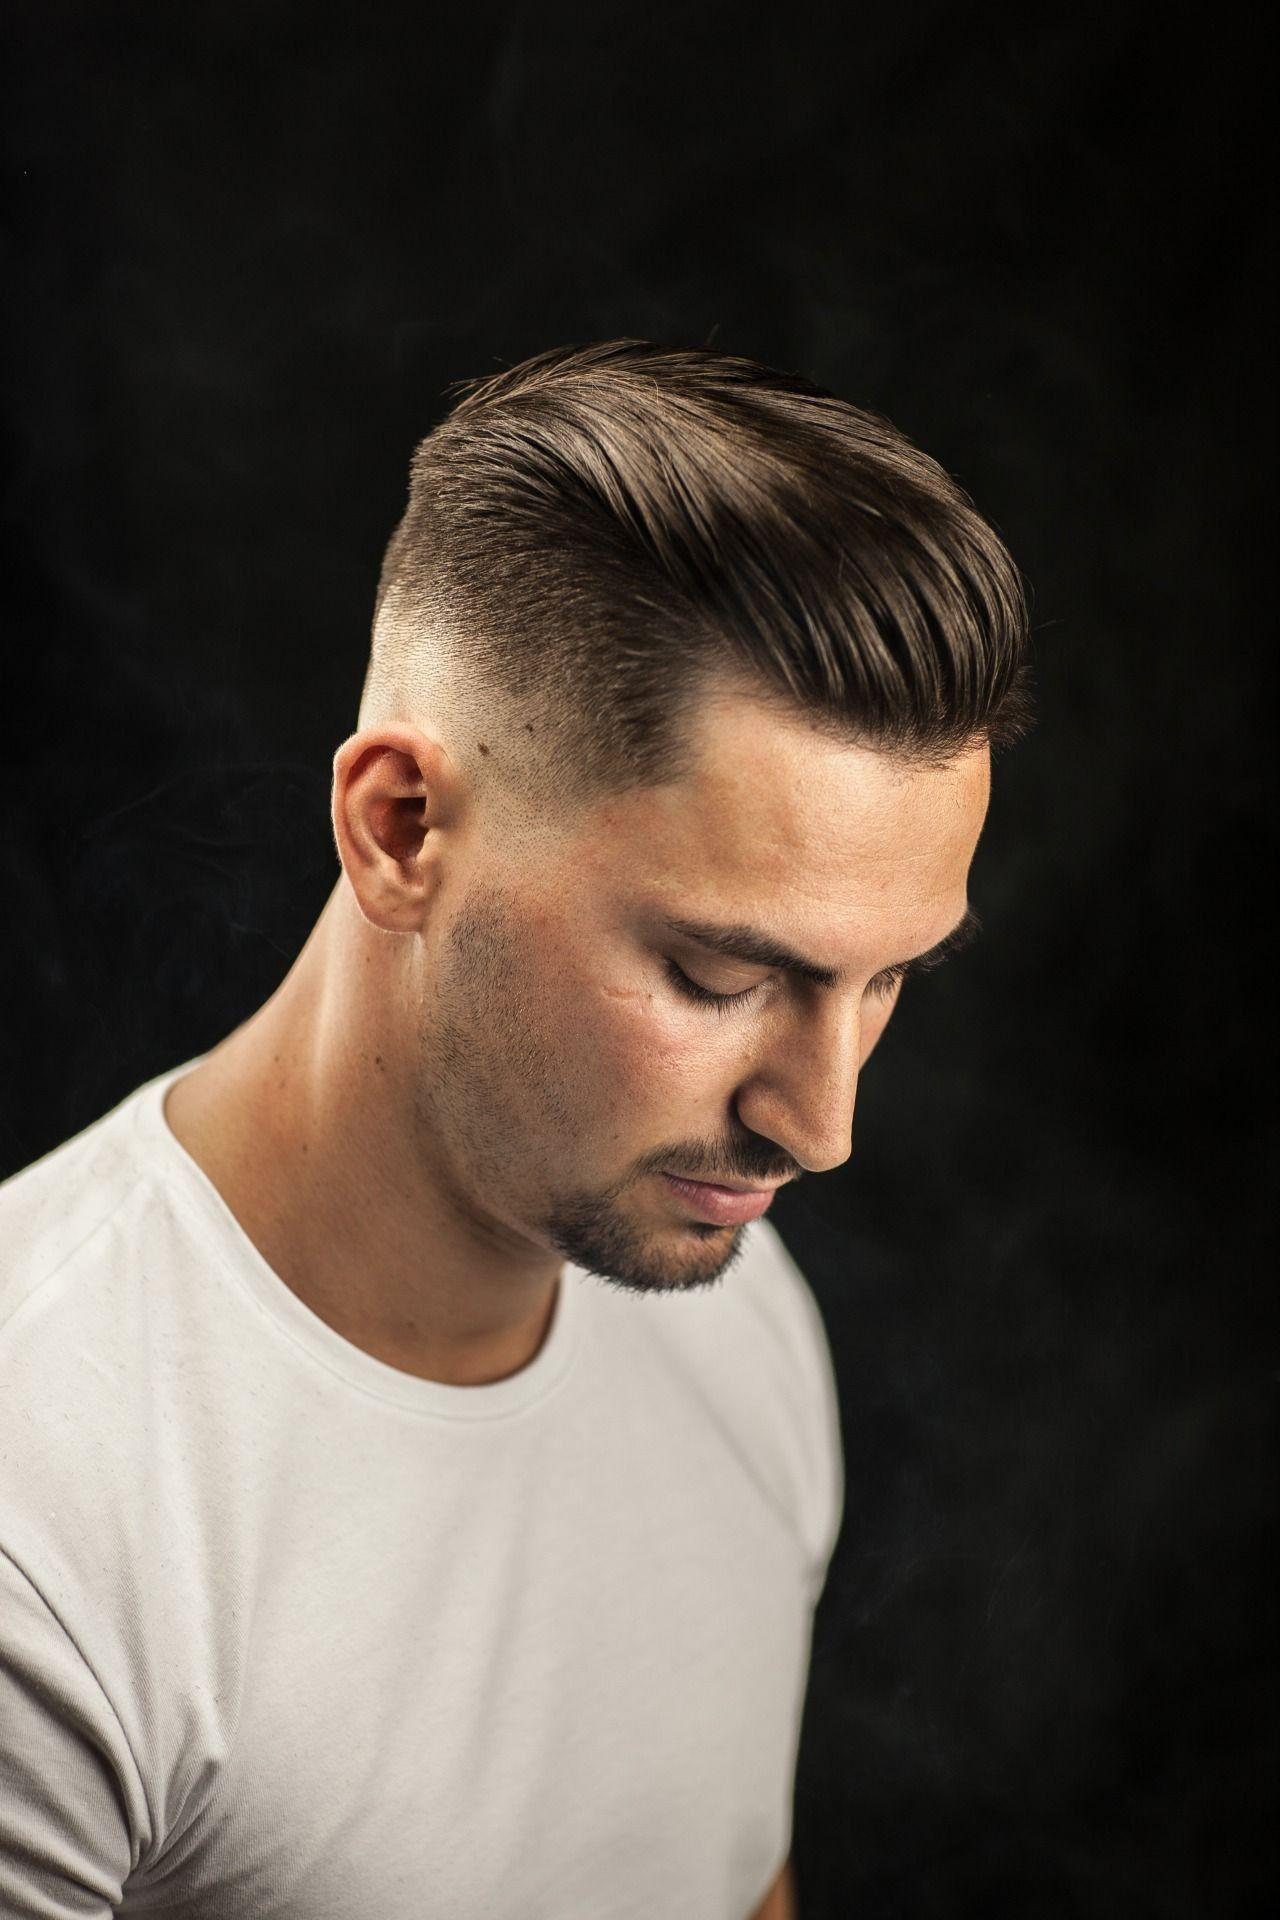 männer frisuren 2021 mit bart